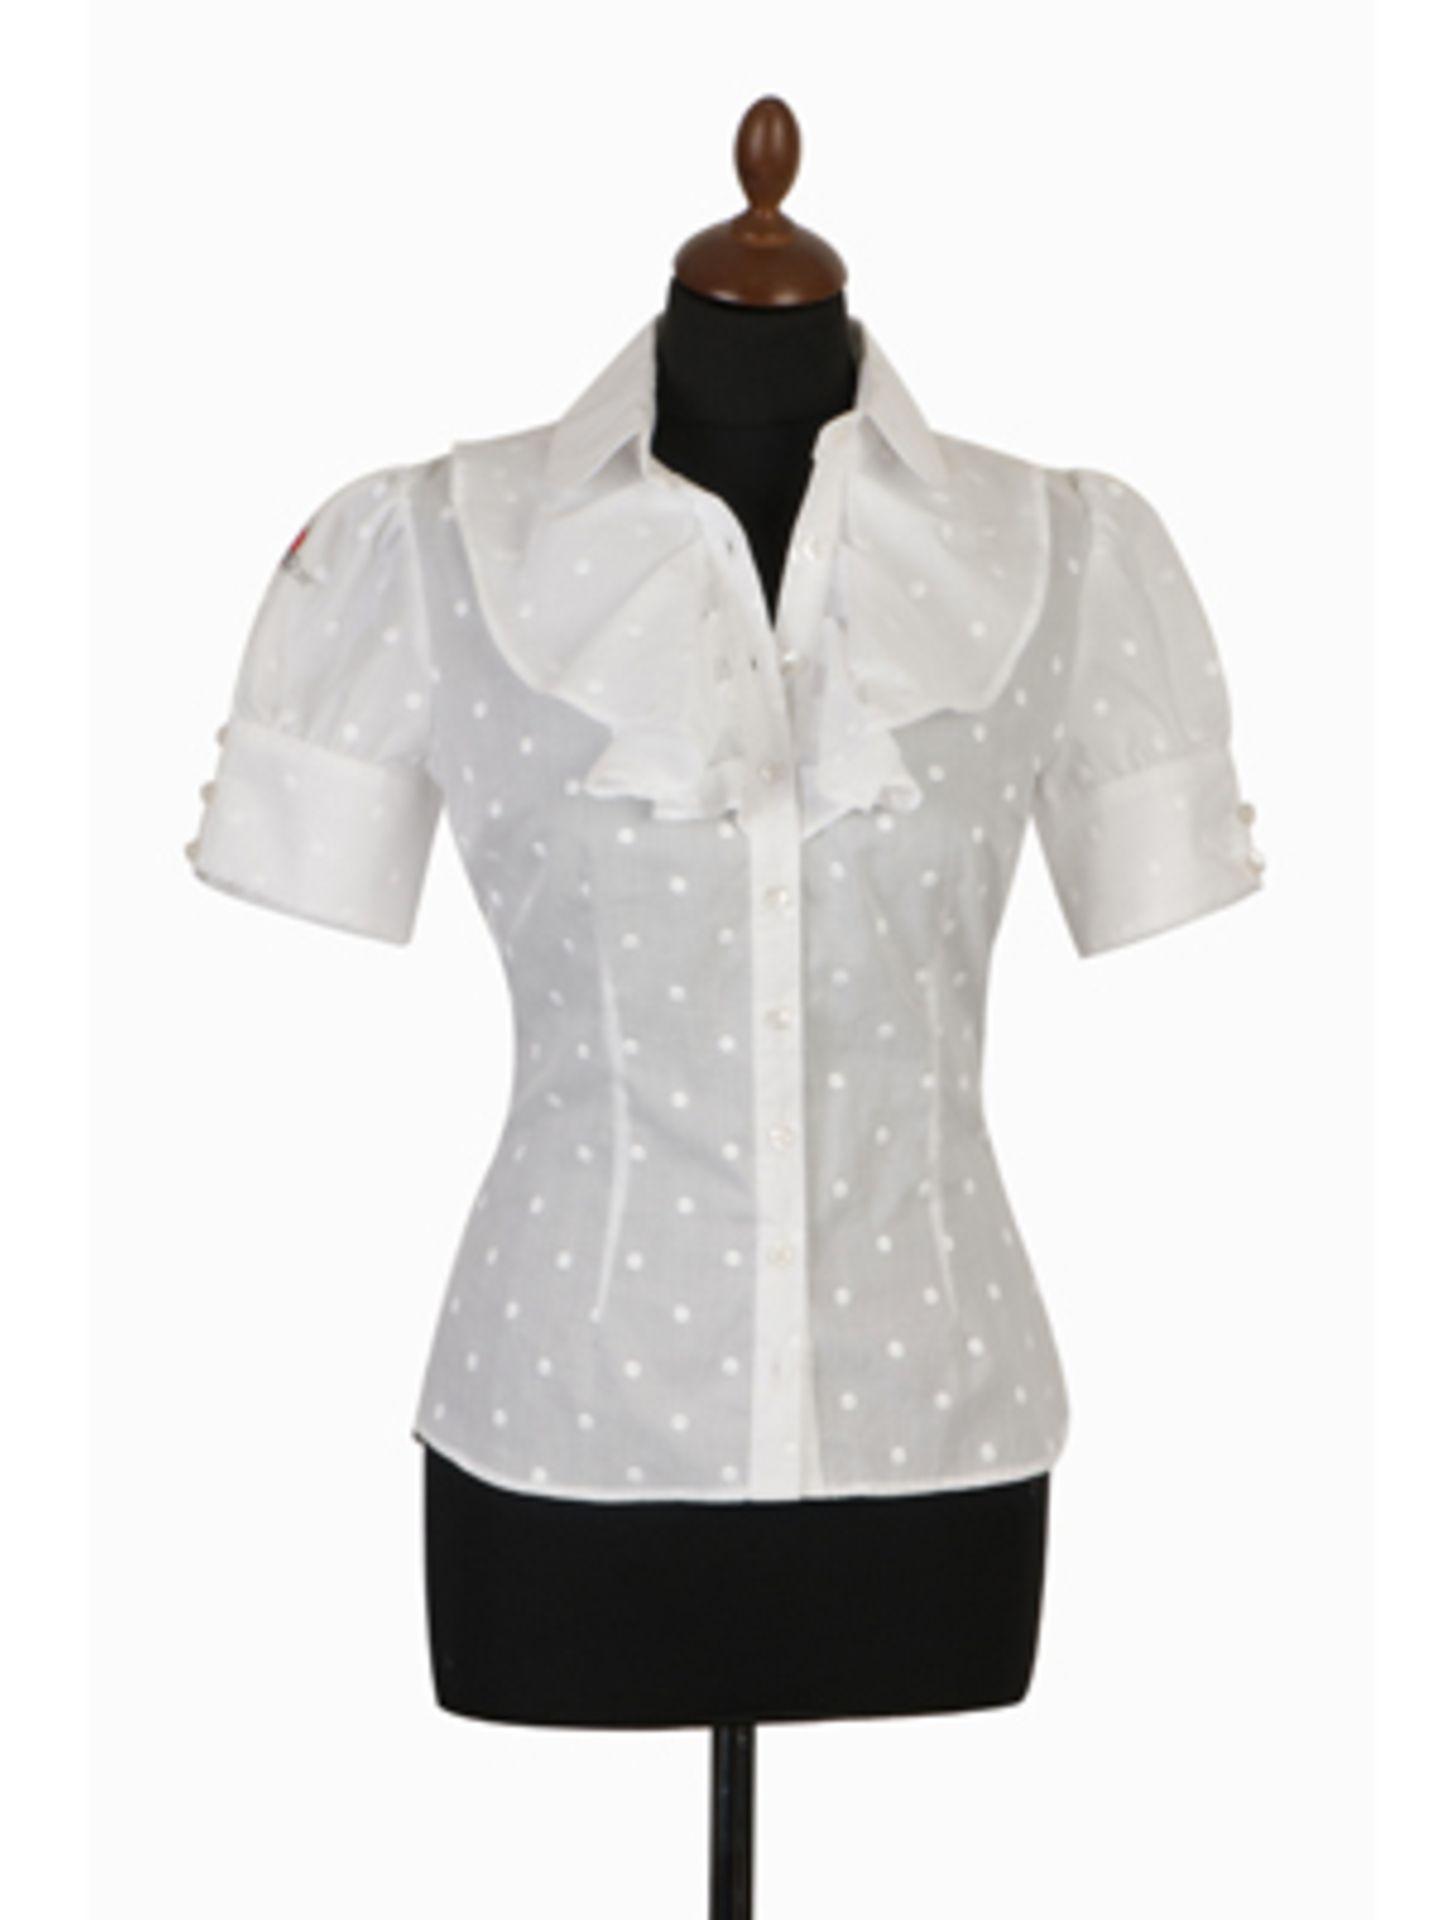 Weiße Kurzarm-Bluse mit kleinen Pünktchen und Rüschenkragen von Lena Hoschek, ab 240 Euro.